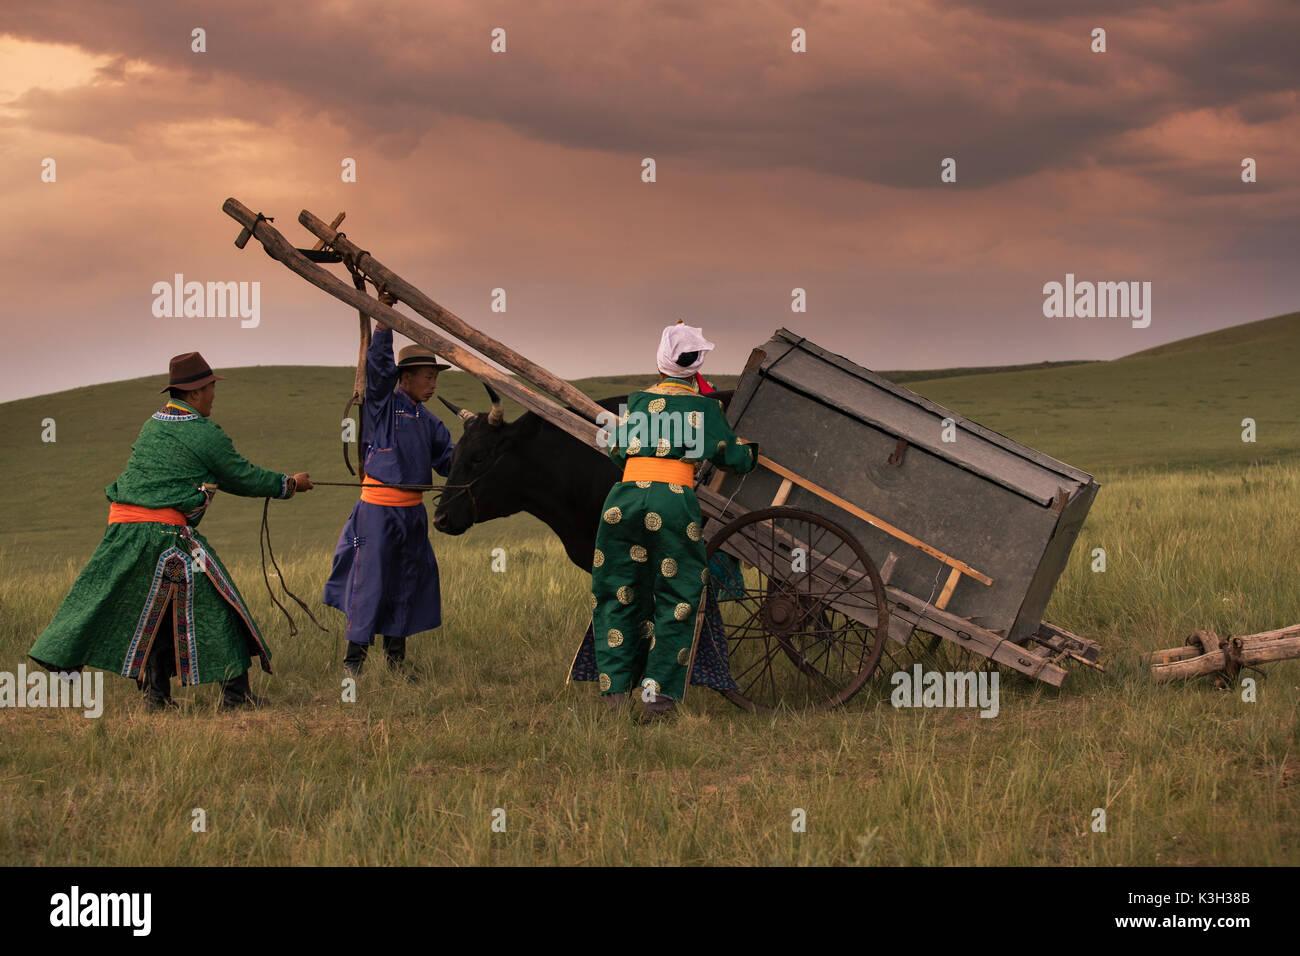 Mongolia interior, China-Julio 31, 2017: los pueblos nómadas de Mongolia Preparar el carro de vacas en el prado. Imagen De Stock